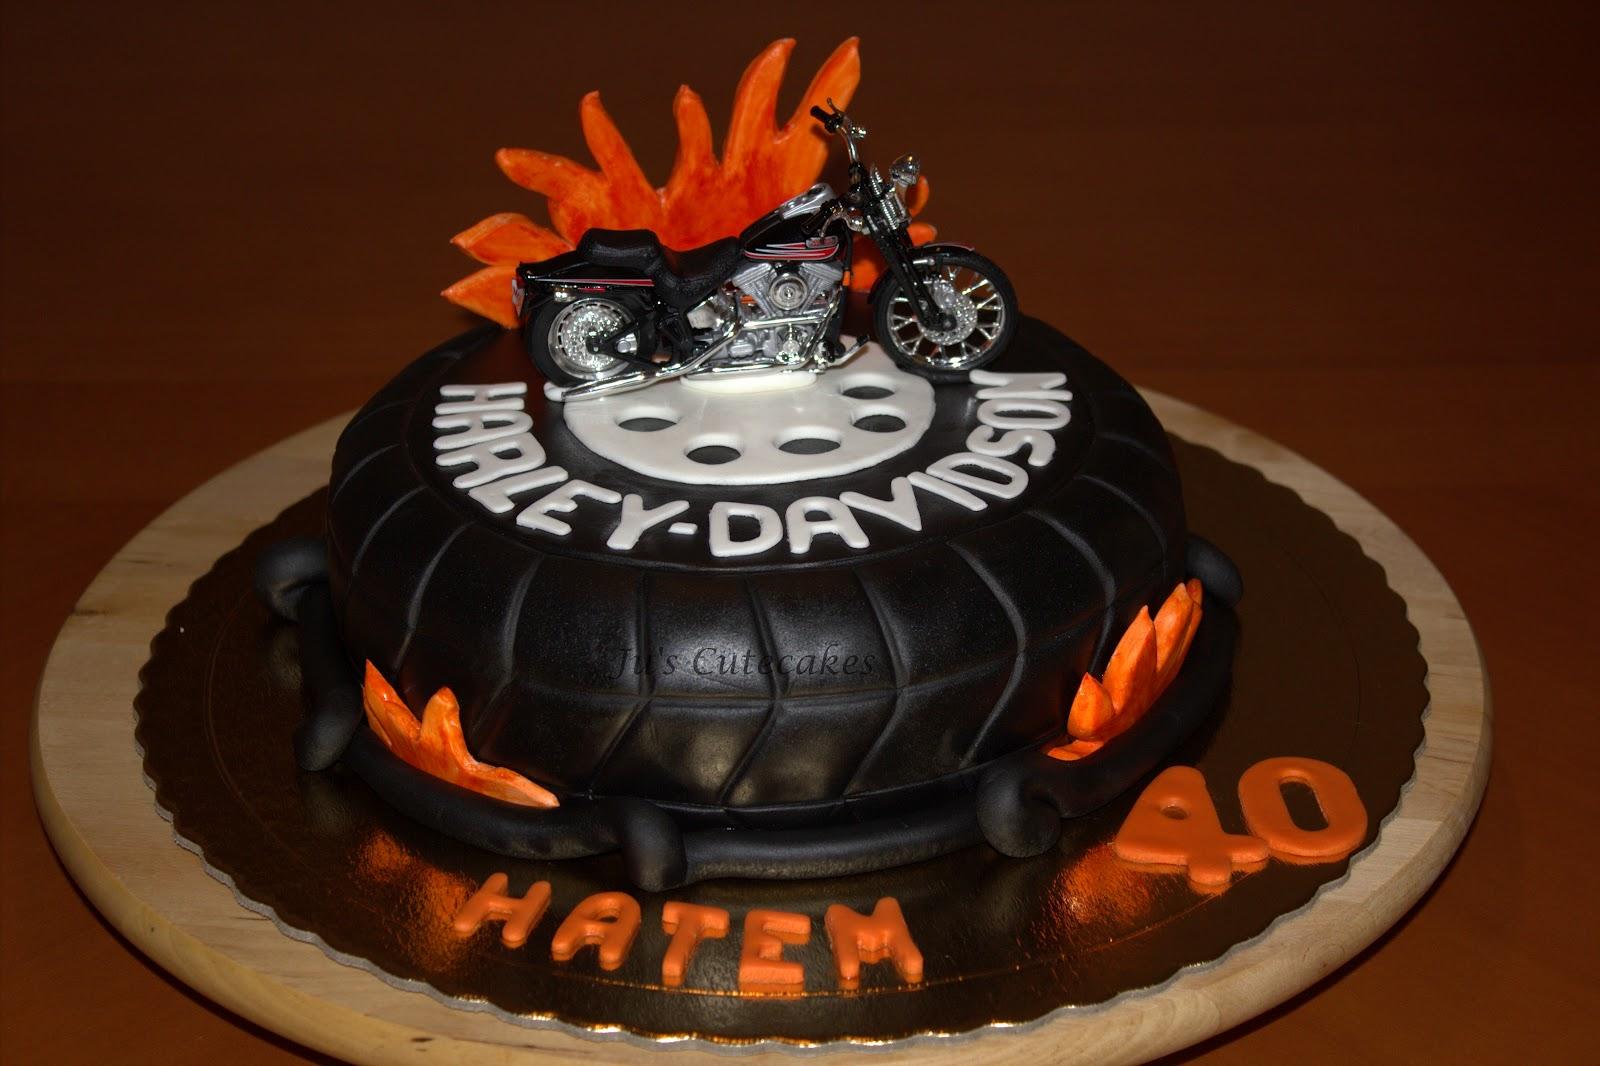 Gateau Moto Cake Ideas and Designs